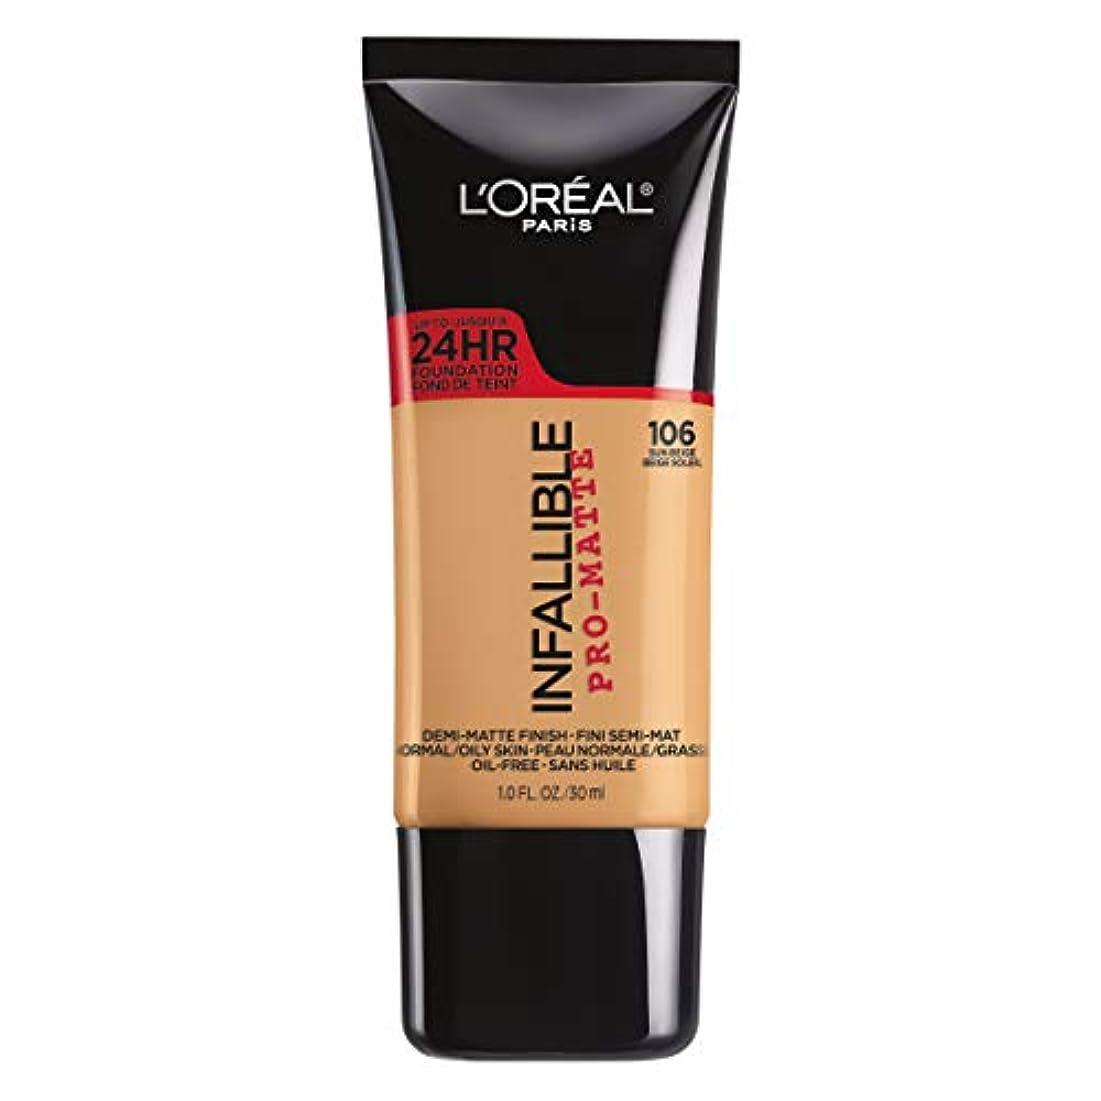 指導する予防接種アレルギーL'Oreal Paris Infallible Pro-Matte Foundation Makeup, 106 Sun Beige, 1 fl. oz[並行輸入品]